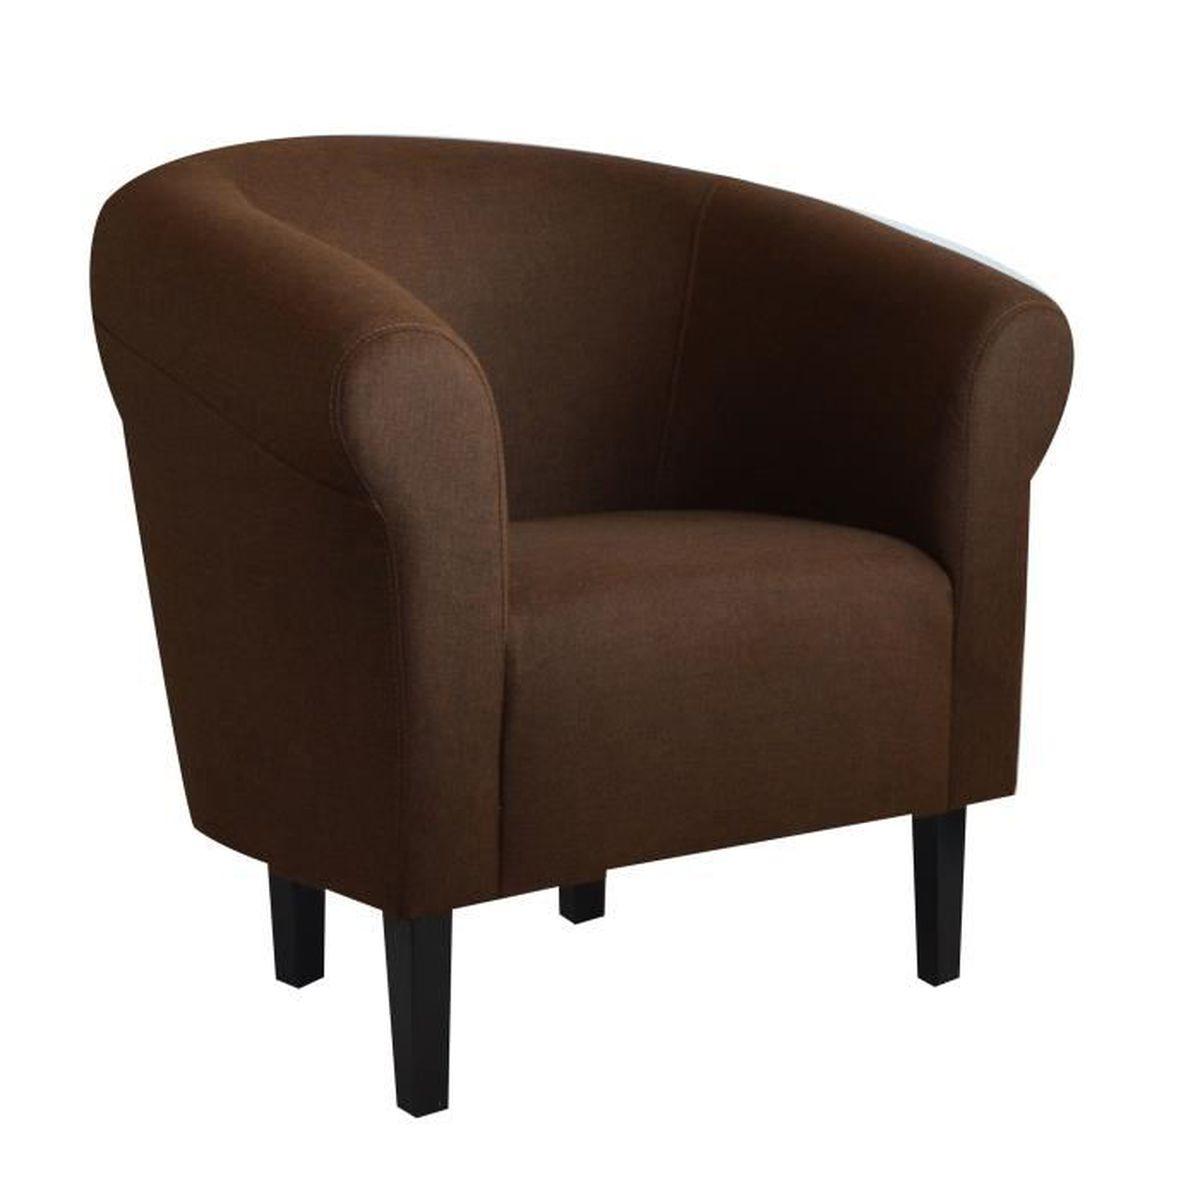 Fauteuil crapaud monaco savane brun chin achat vente fauteuil cdiscount - Fauteuil crapaud cdiscount ...